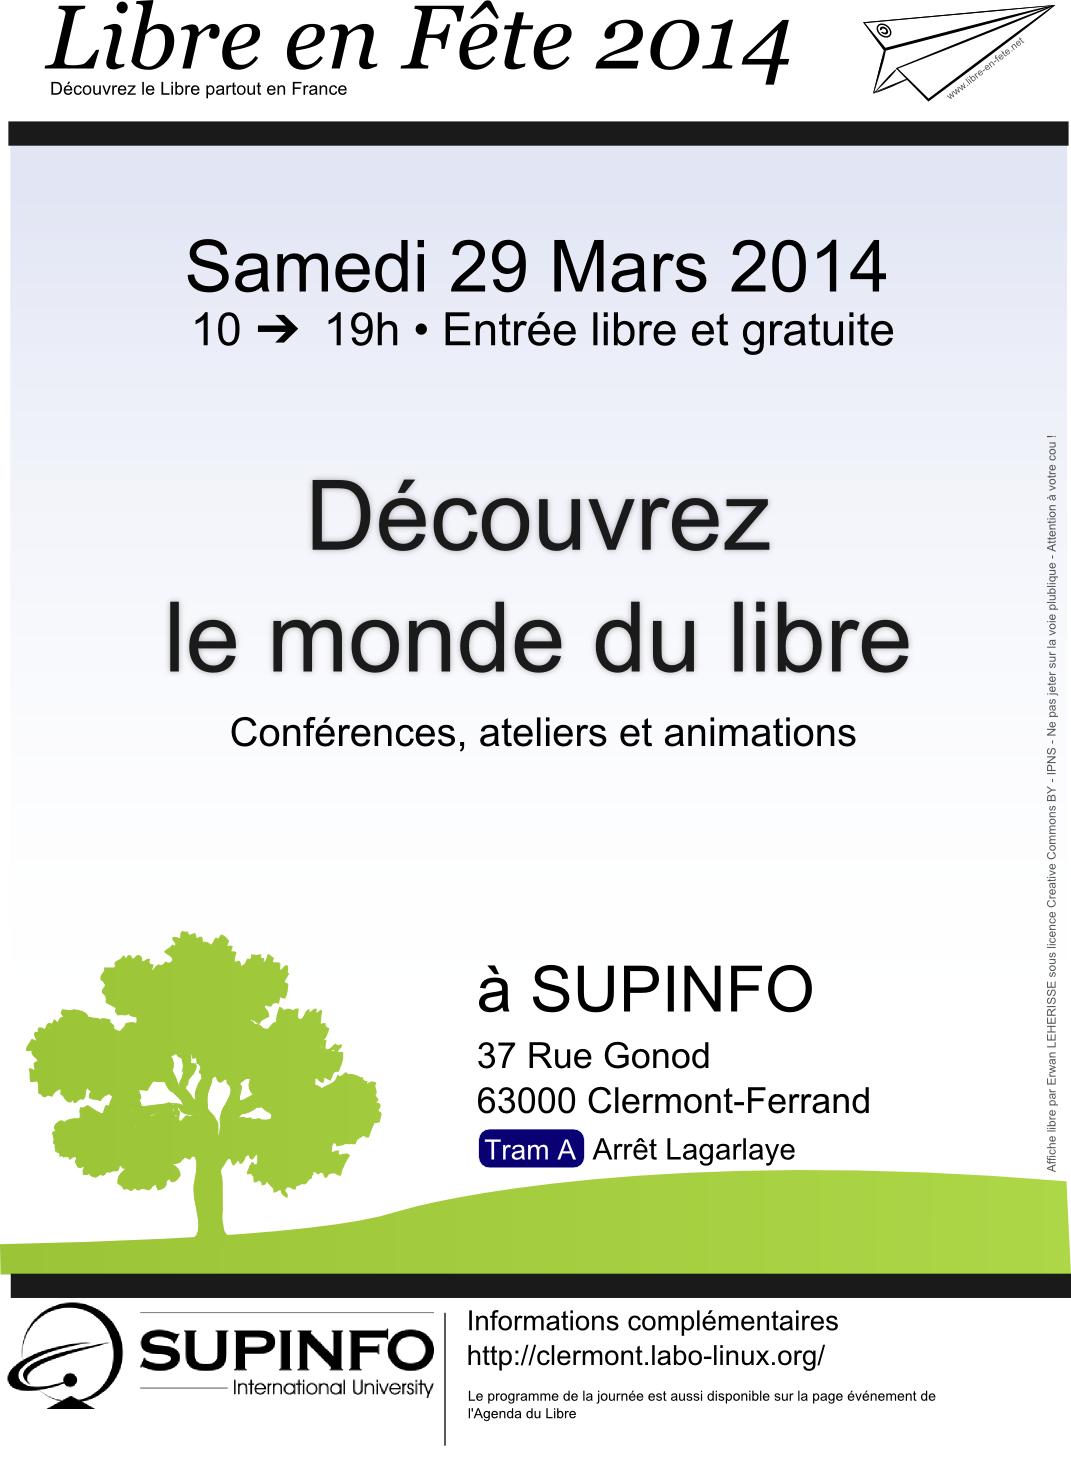 Affiche de l'événement Libre en Fête 2014 à SUPINFO Clermont-Ferrand